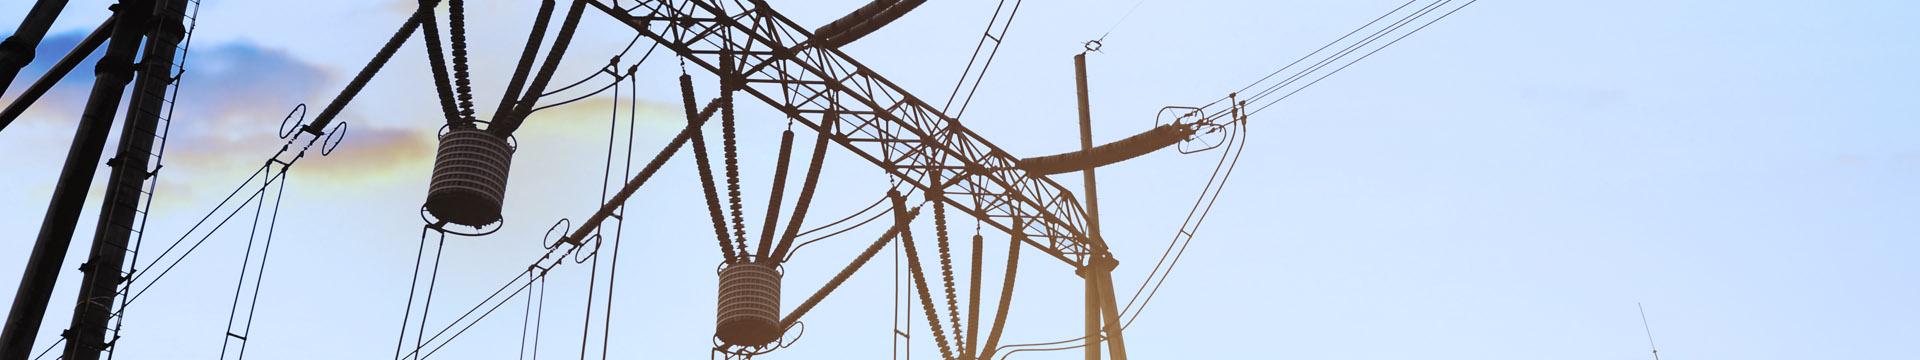 header-energietransport-verteilung.JPG